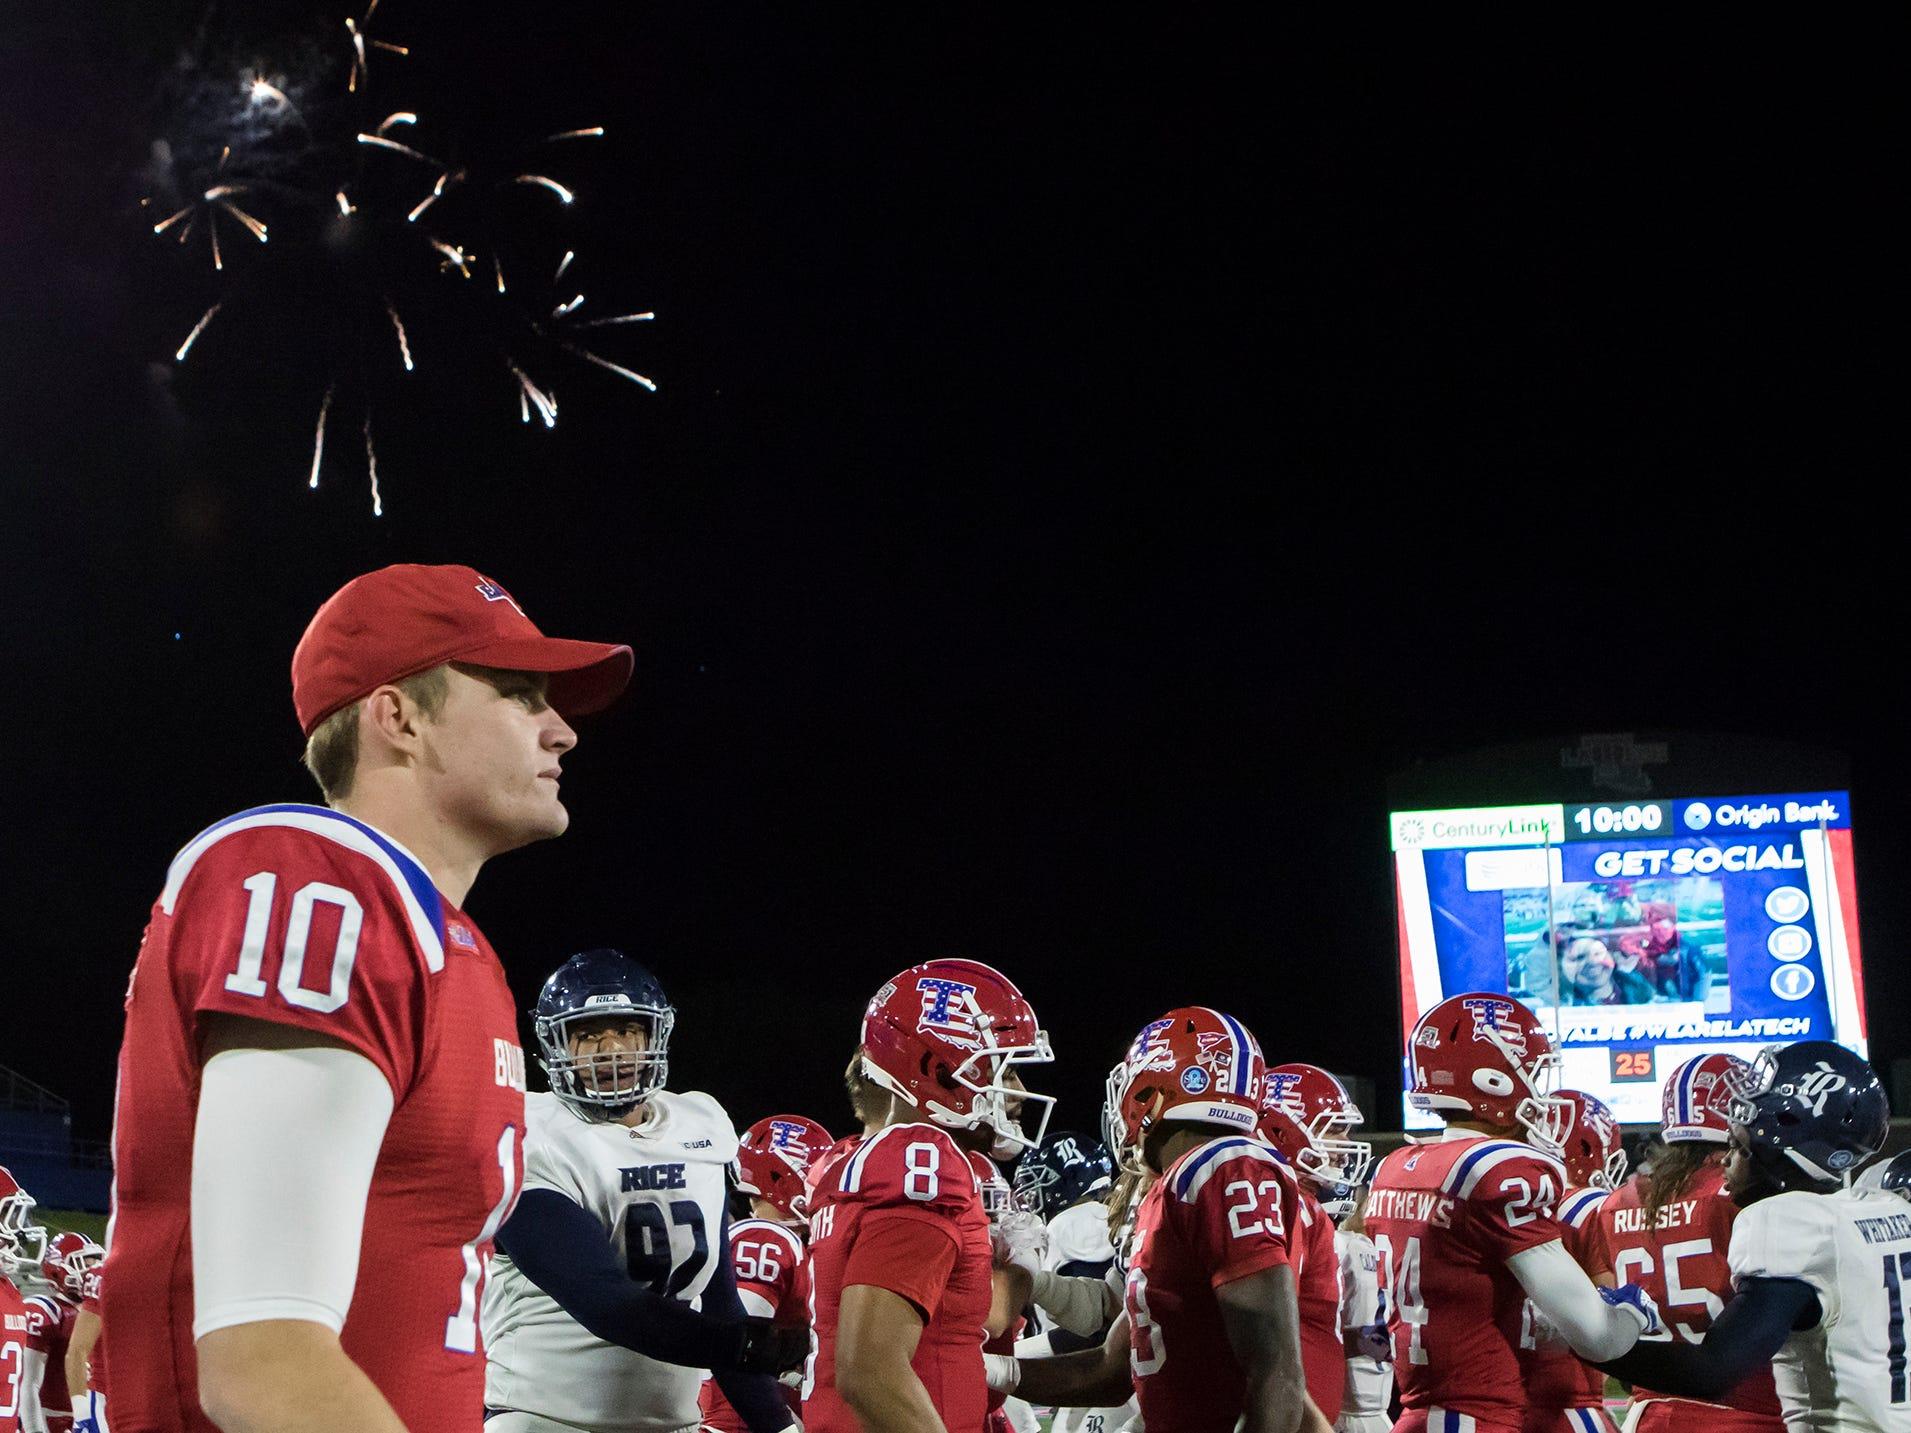 Louisiana Tech defeated Rice University 28-13 at Joe Aillet Stadium in Ruston, La. on Nov. 10.